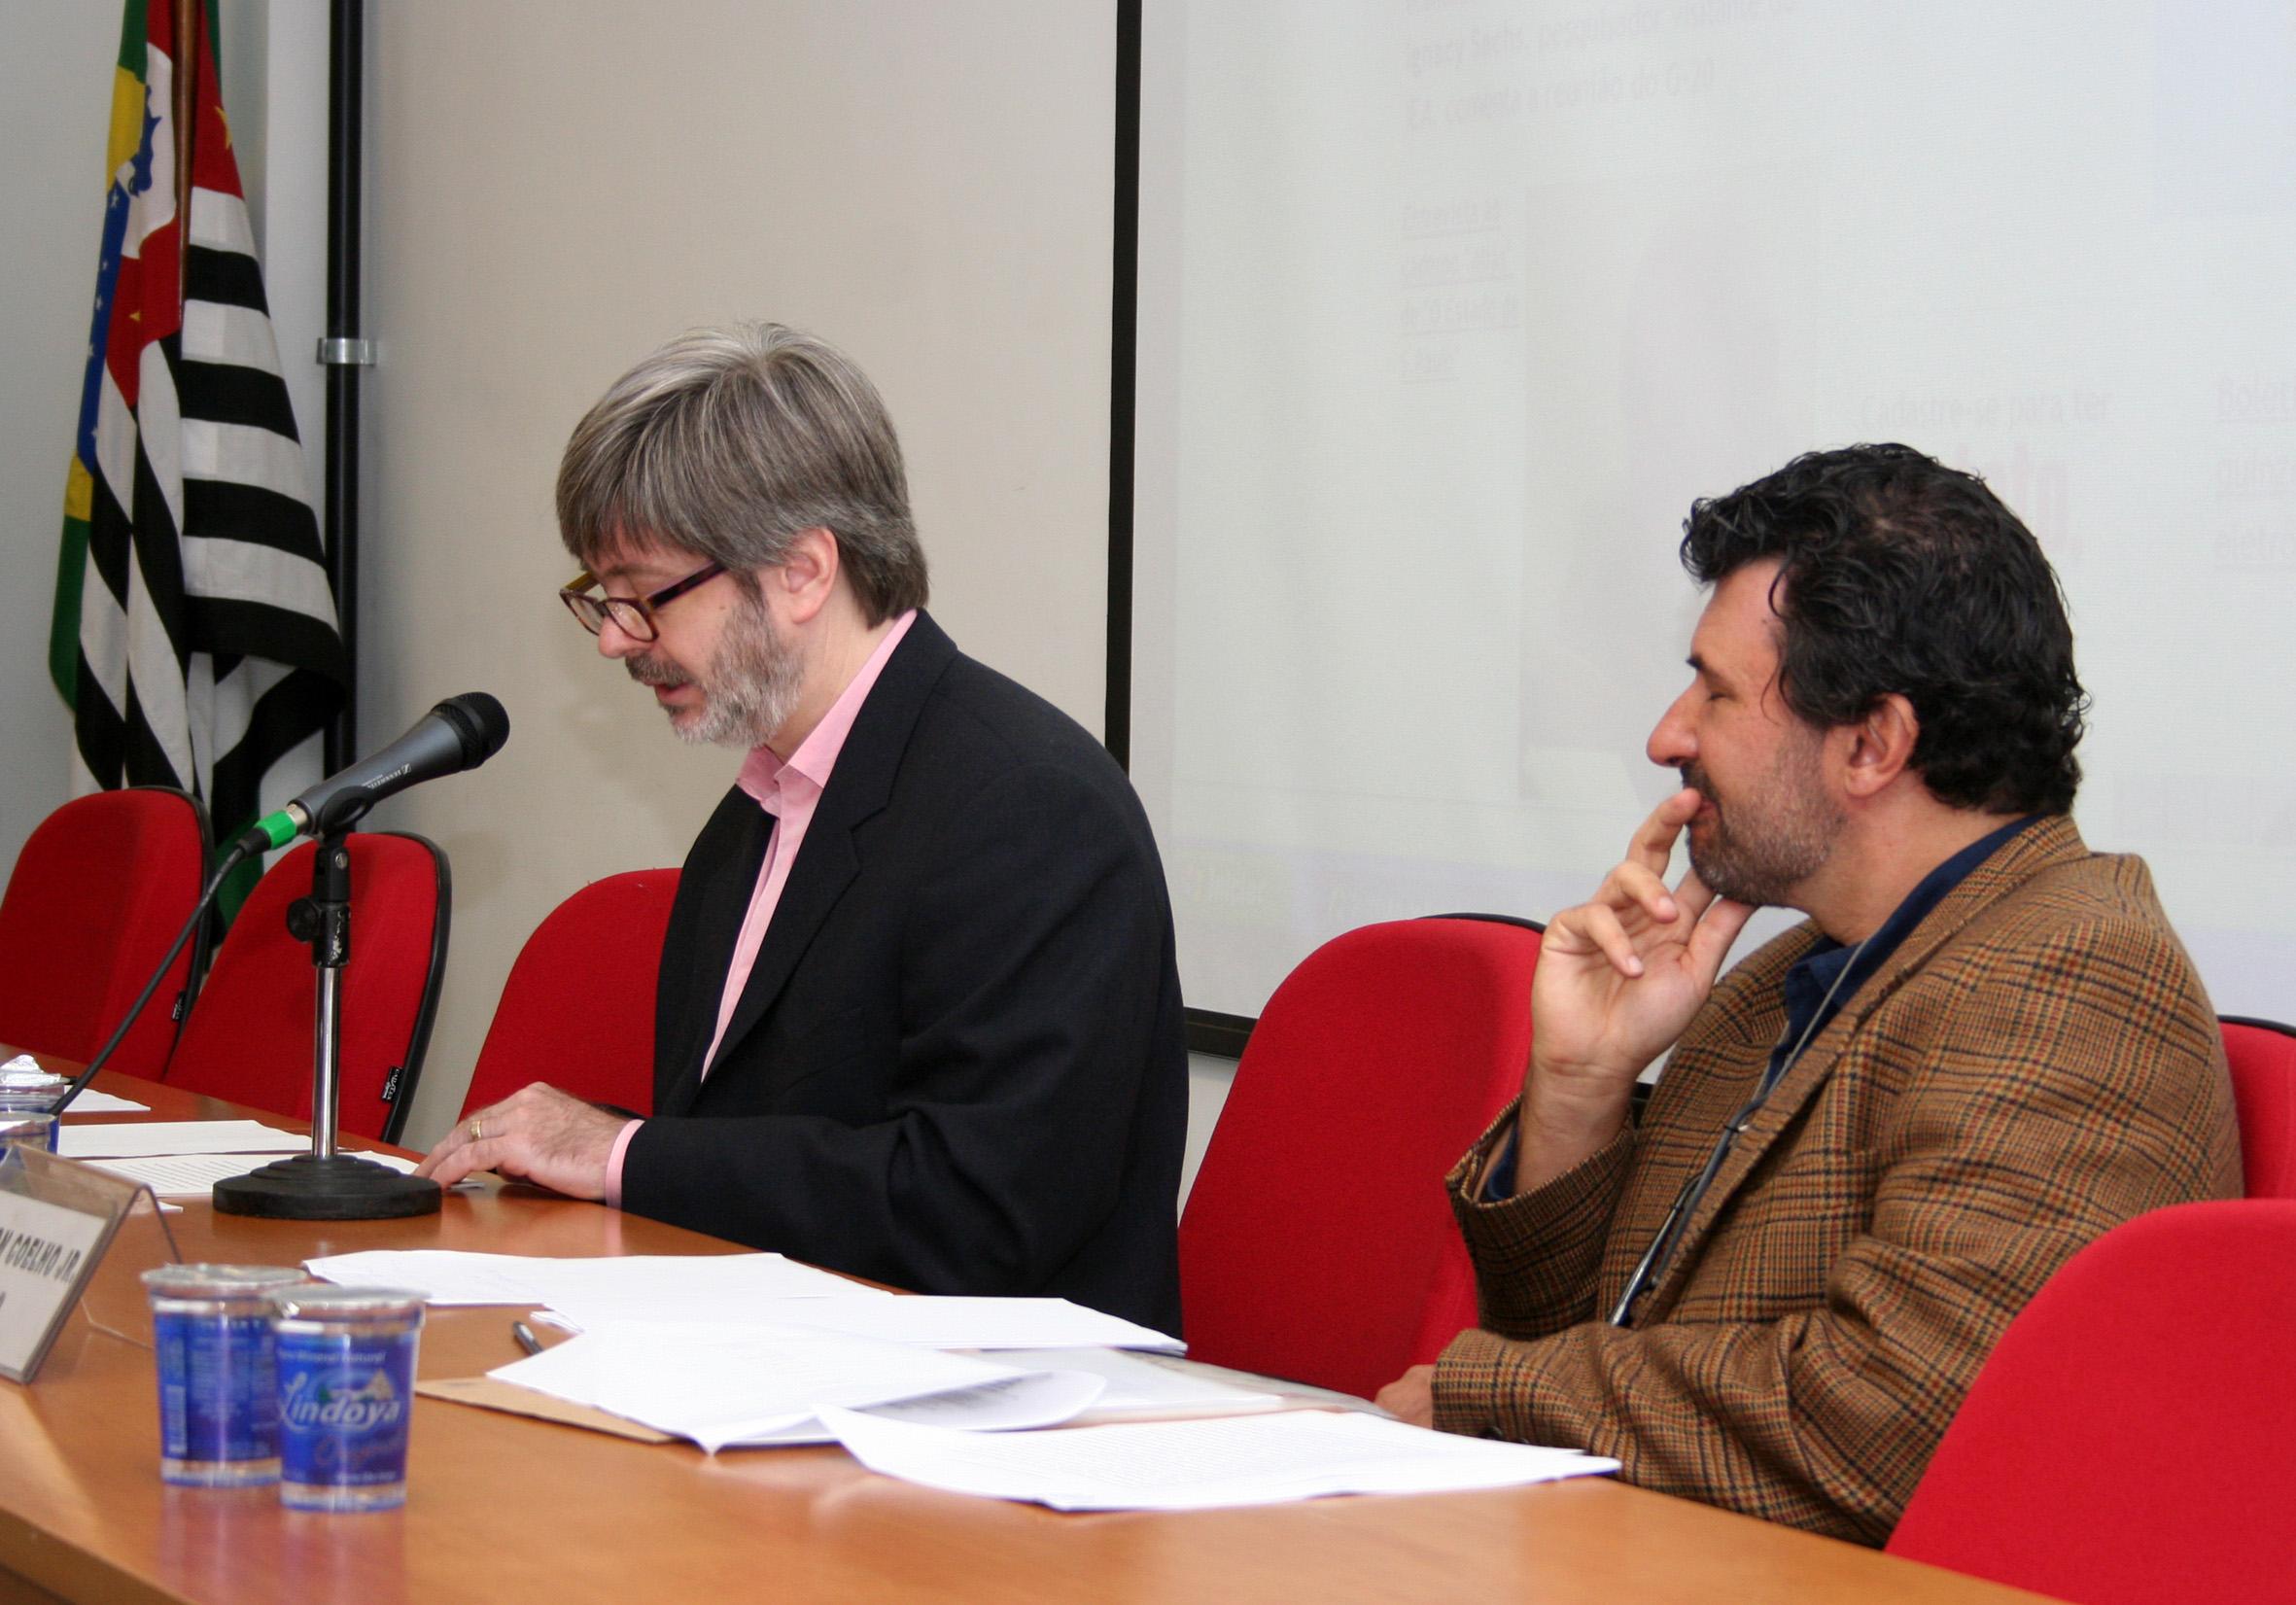 Bruce Reys e Nelson Ernesto Coelho Jr